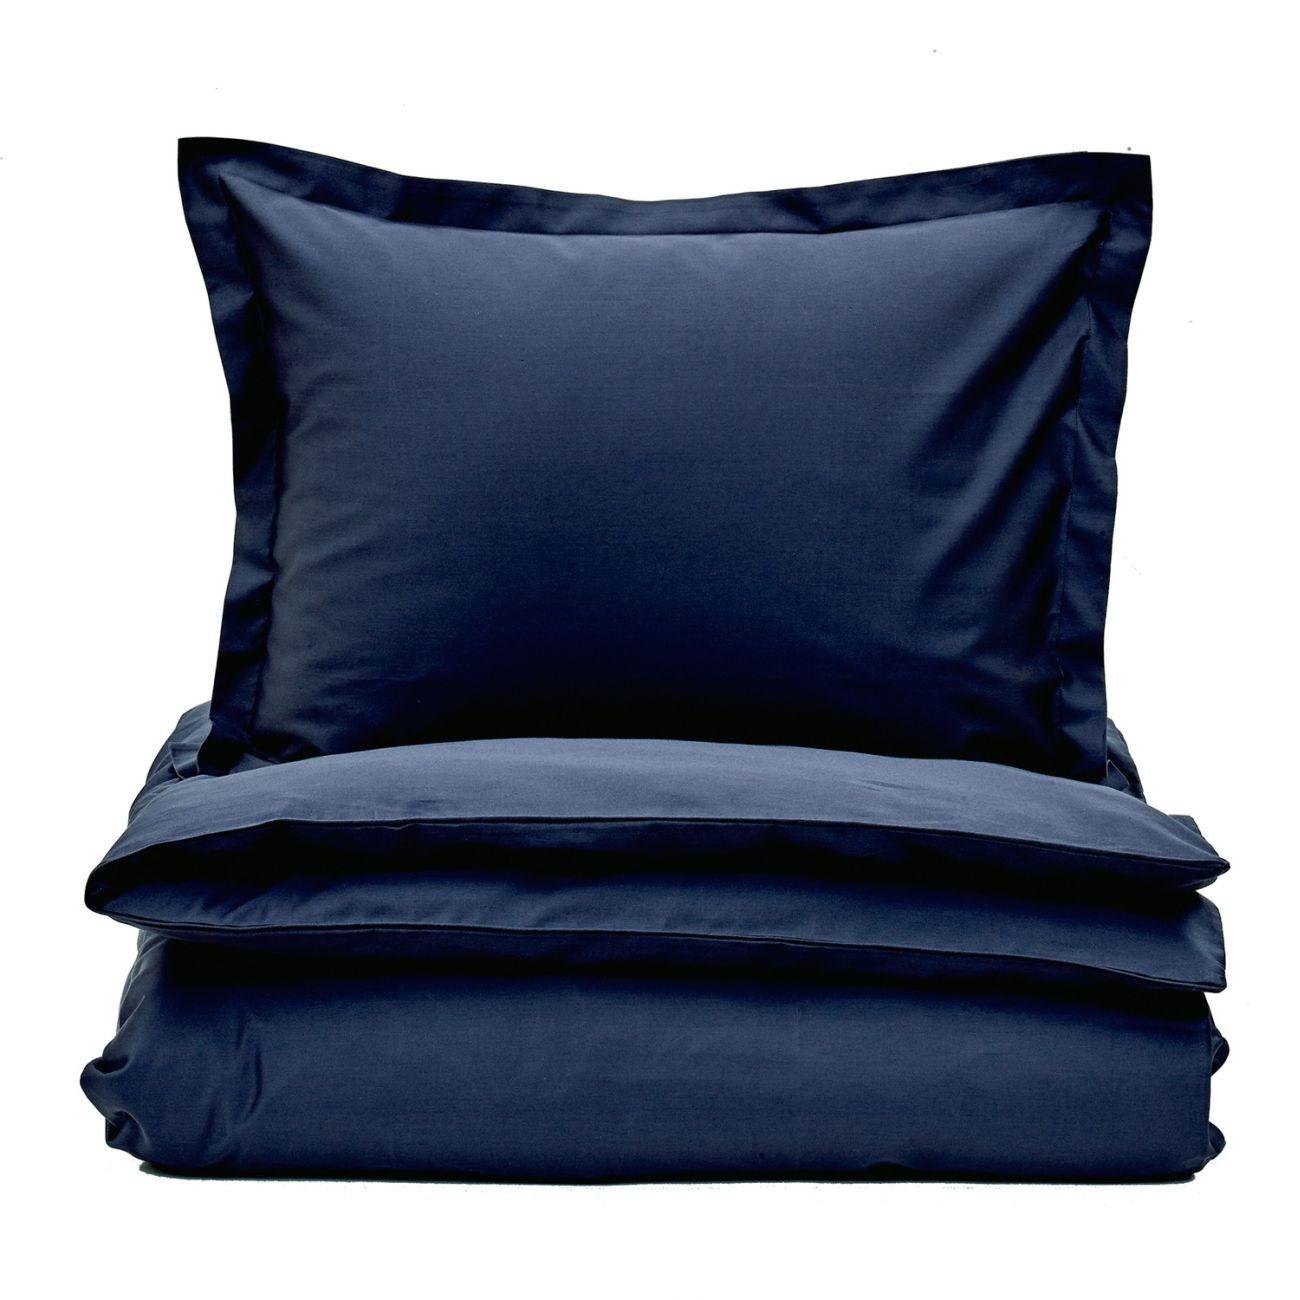 gant home sateen single duvet satin bettdeckenbezug online kaufen bei woonio. Black Bedroom Furniture Sets. Home Design Ideas